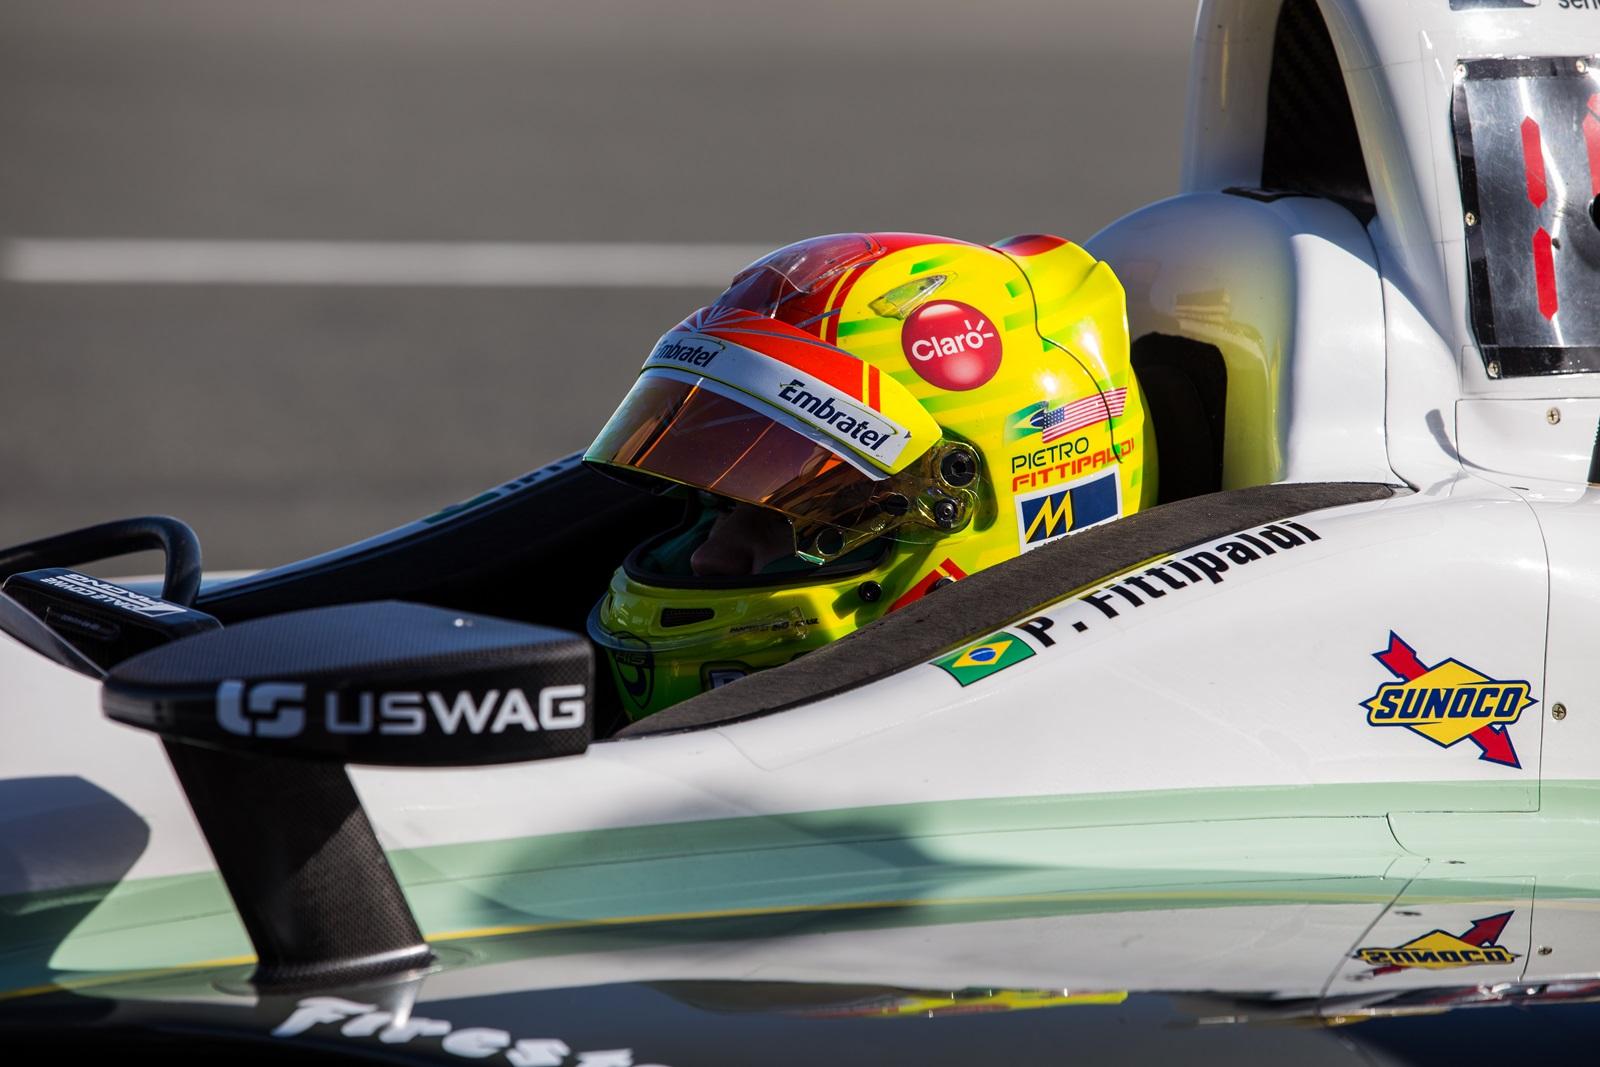 Photo of Indy Car – Pietro Fittipaldi assina com a equipe Dale Coyne para correr na Indy em 2018